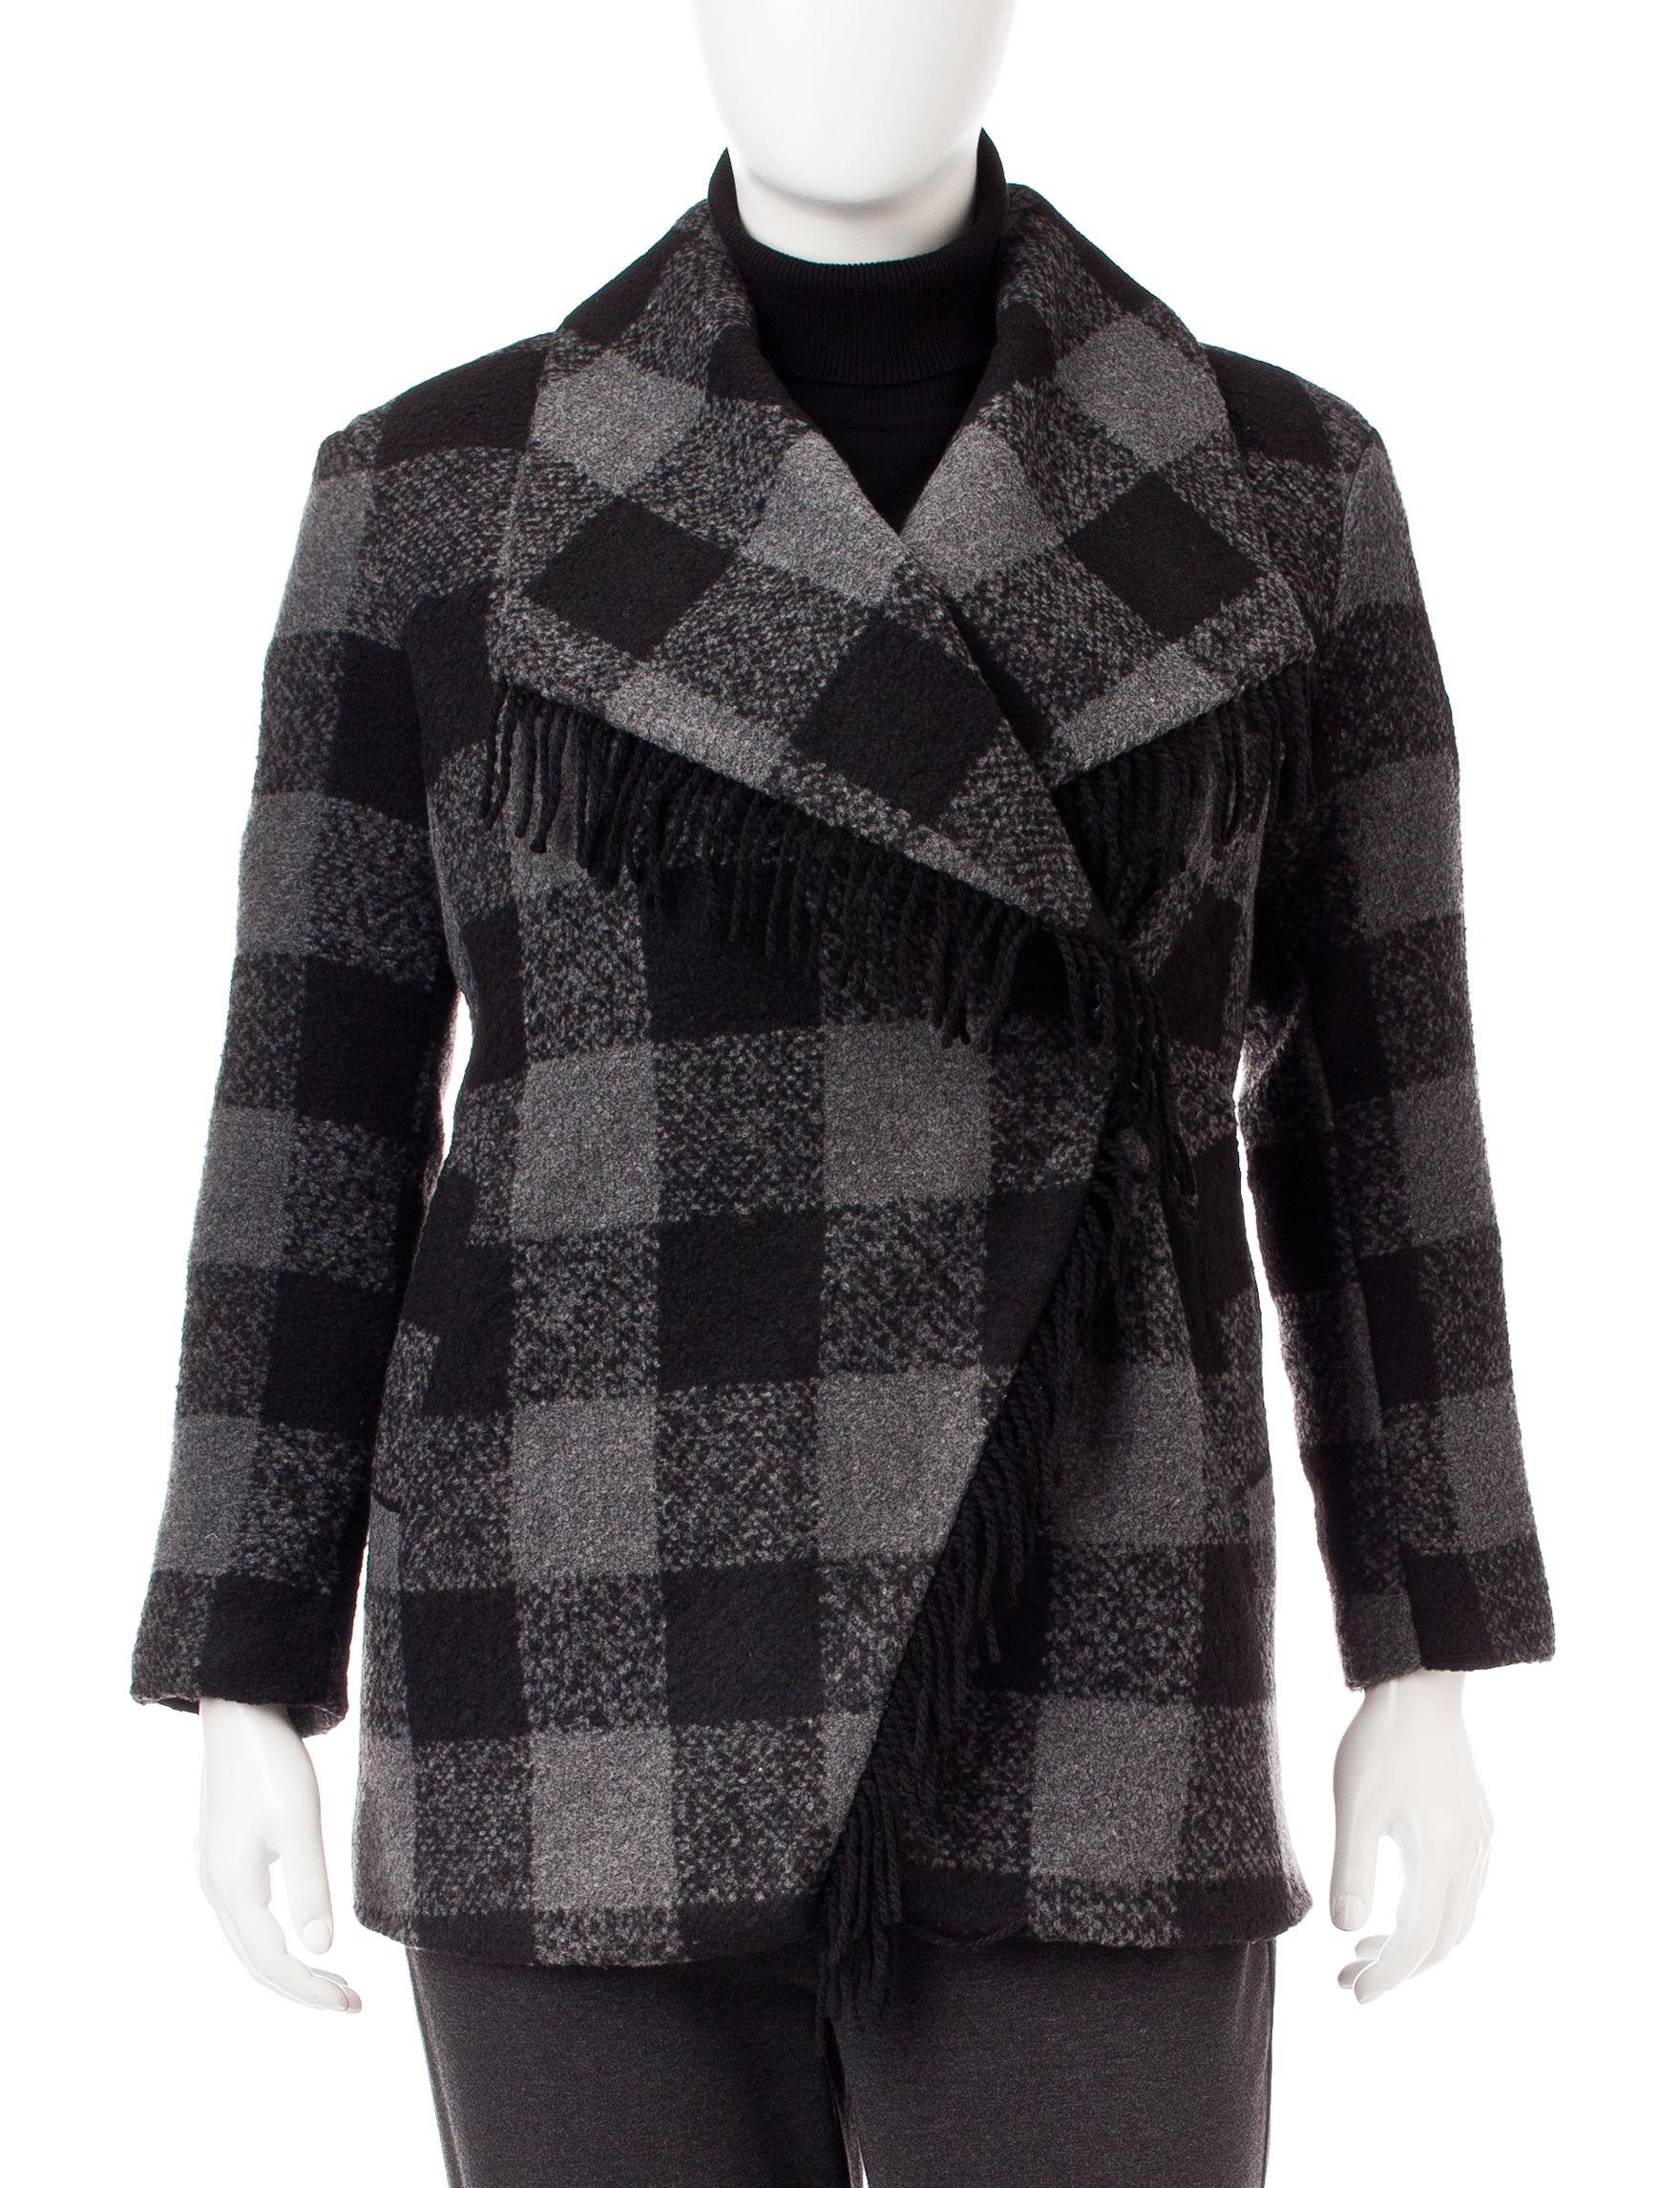 Valerie Stevens Black Peacoats & Overcoats